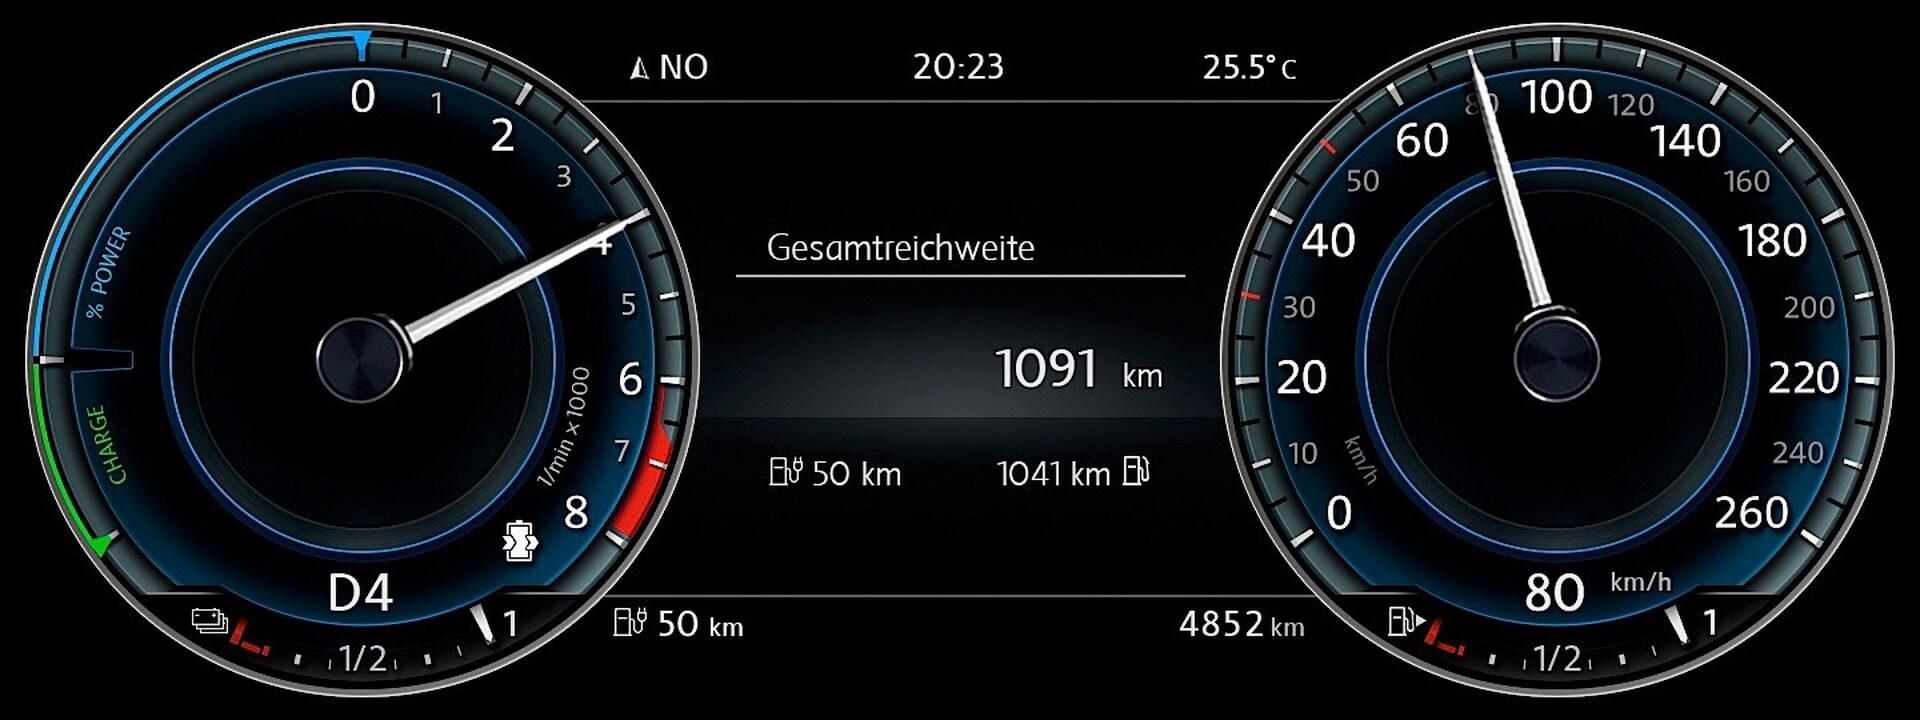 Цифровая панель приборов Volkswagen Passat GTE